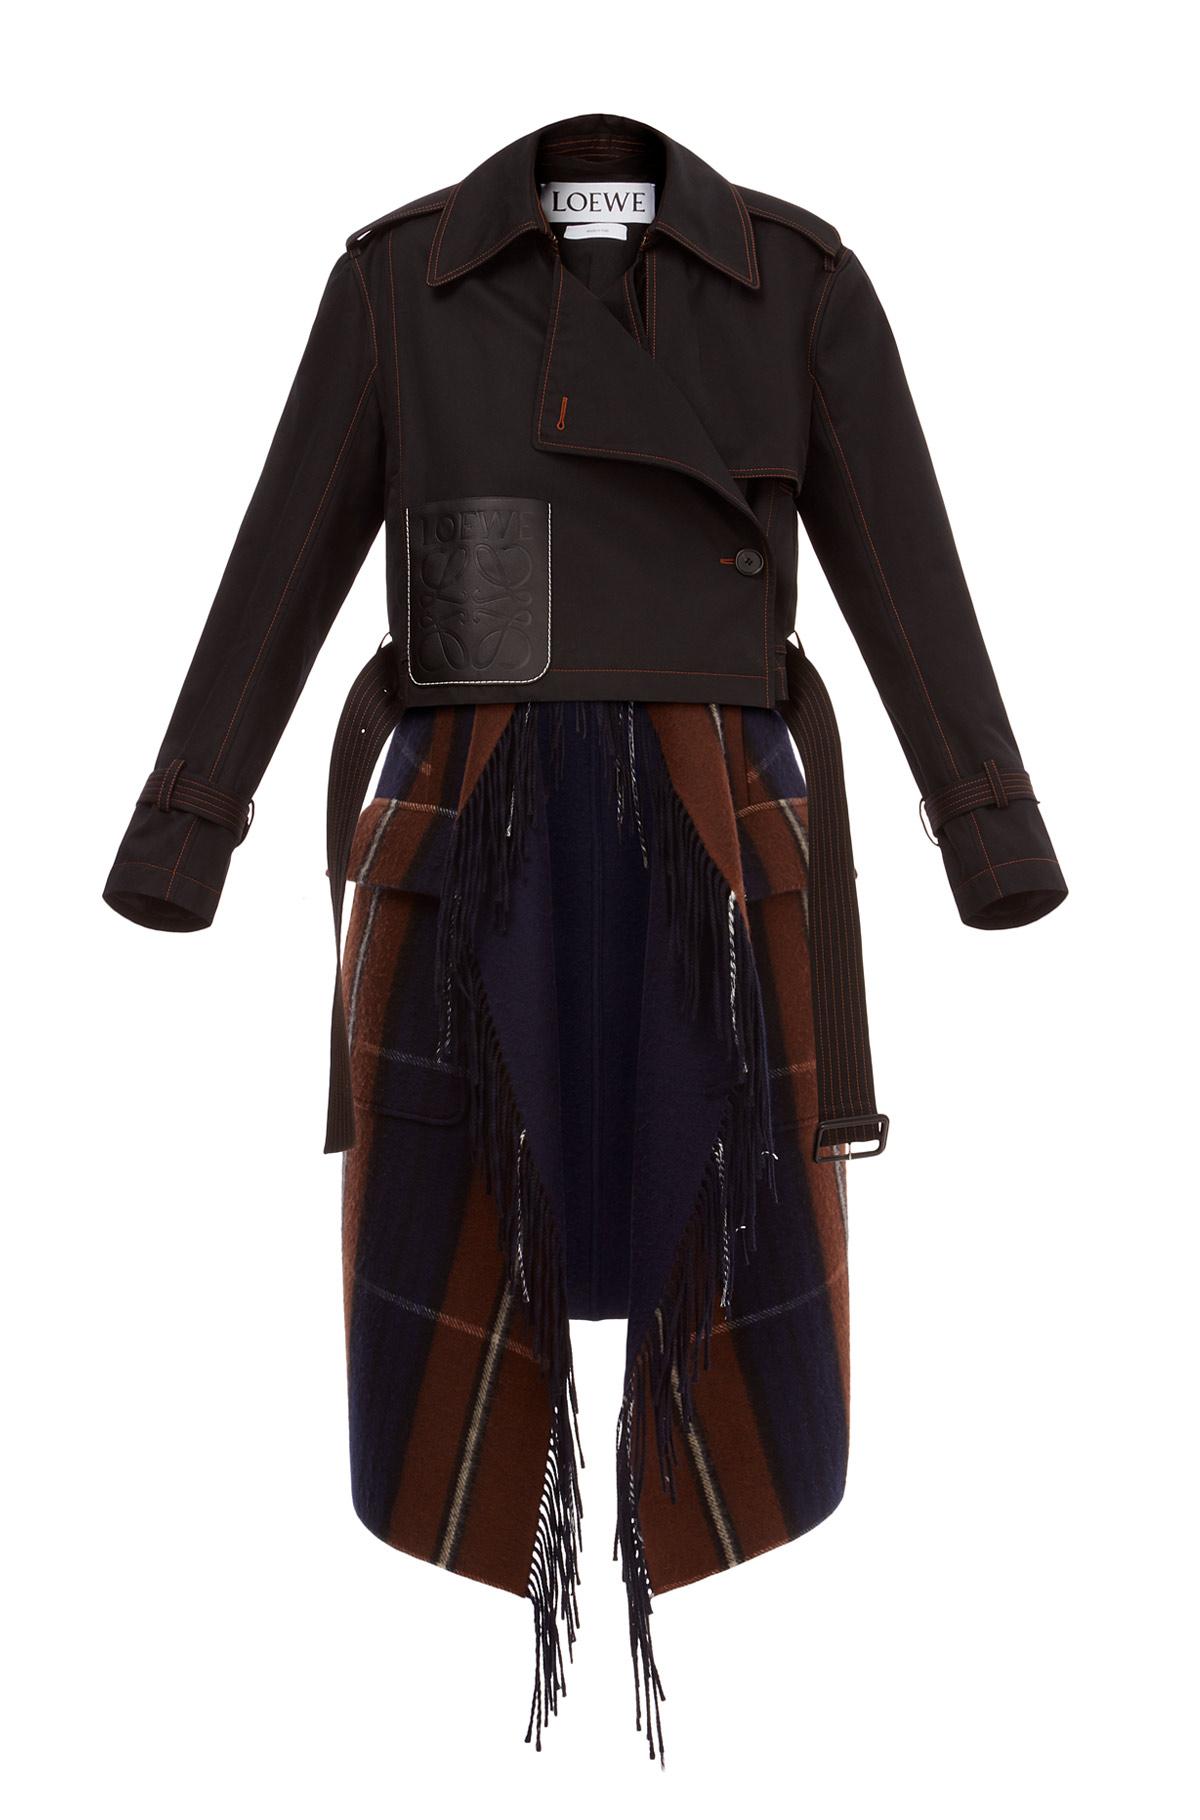 LOEWE Blanket Trenchcoat 黑色/巧克力色 front